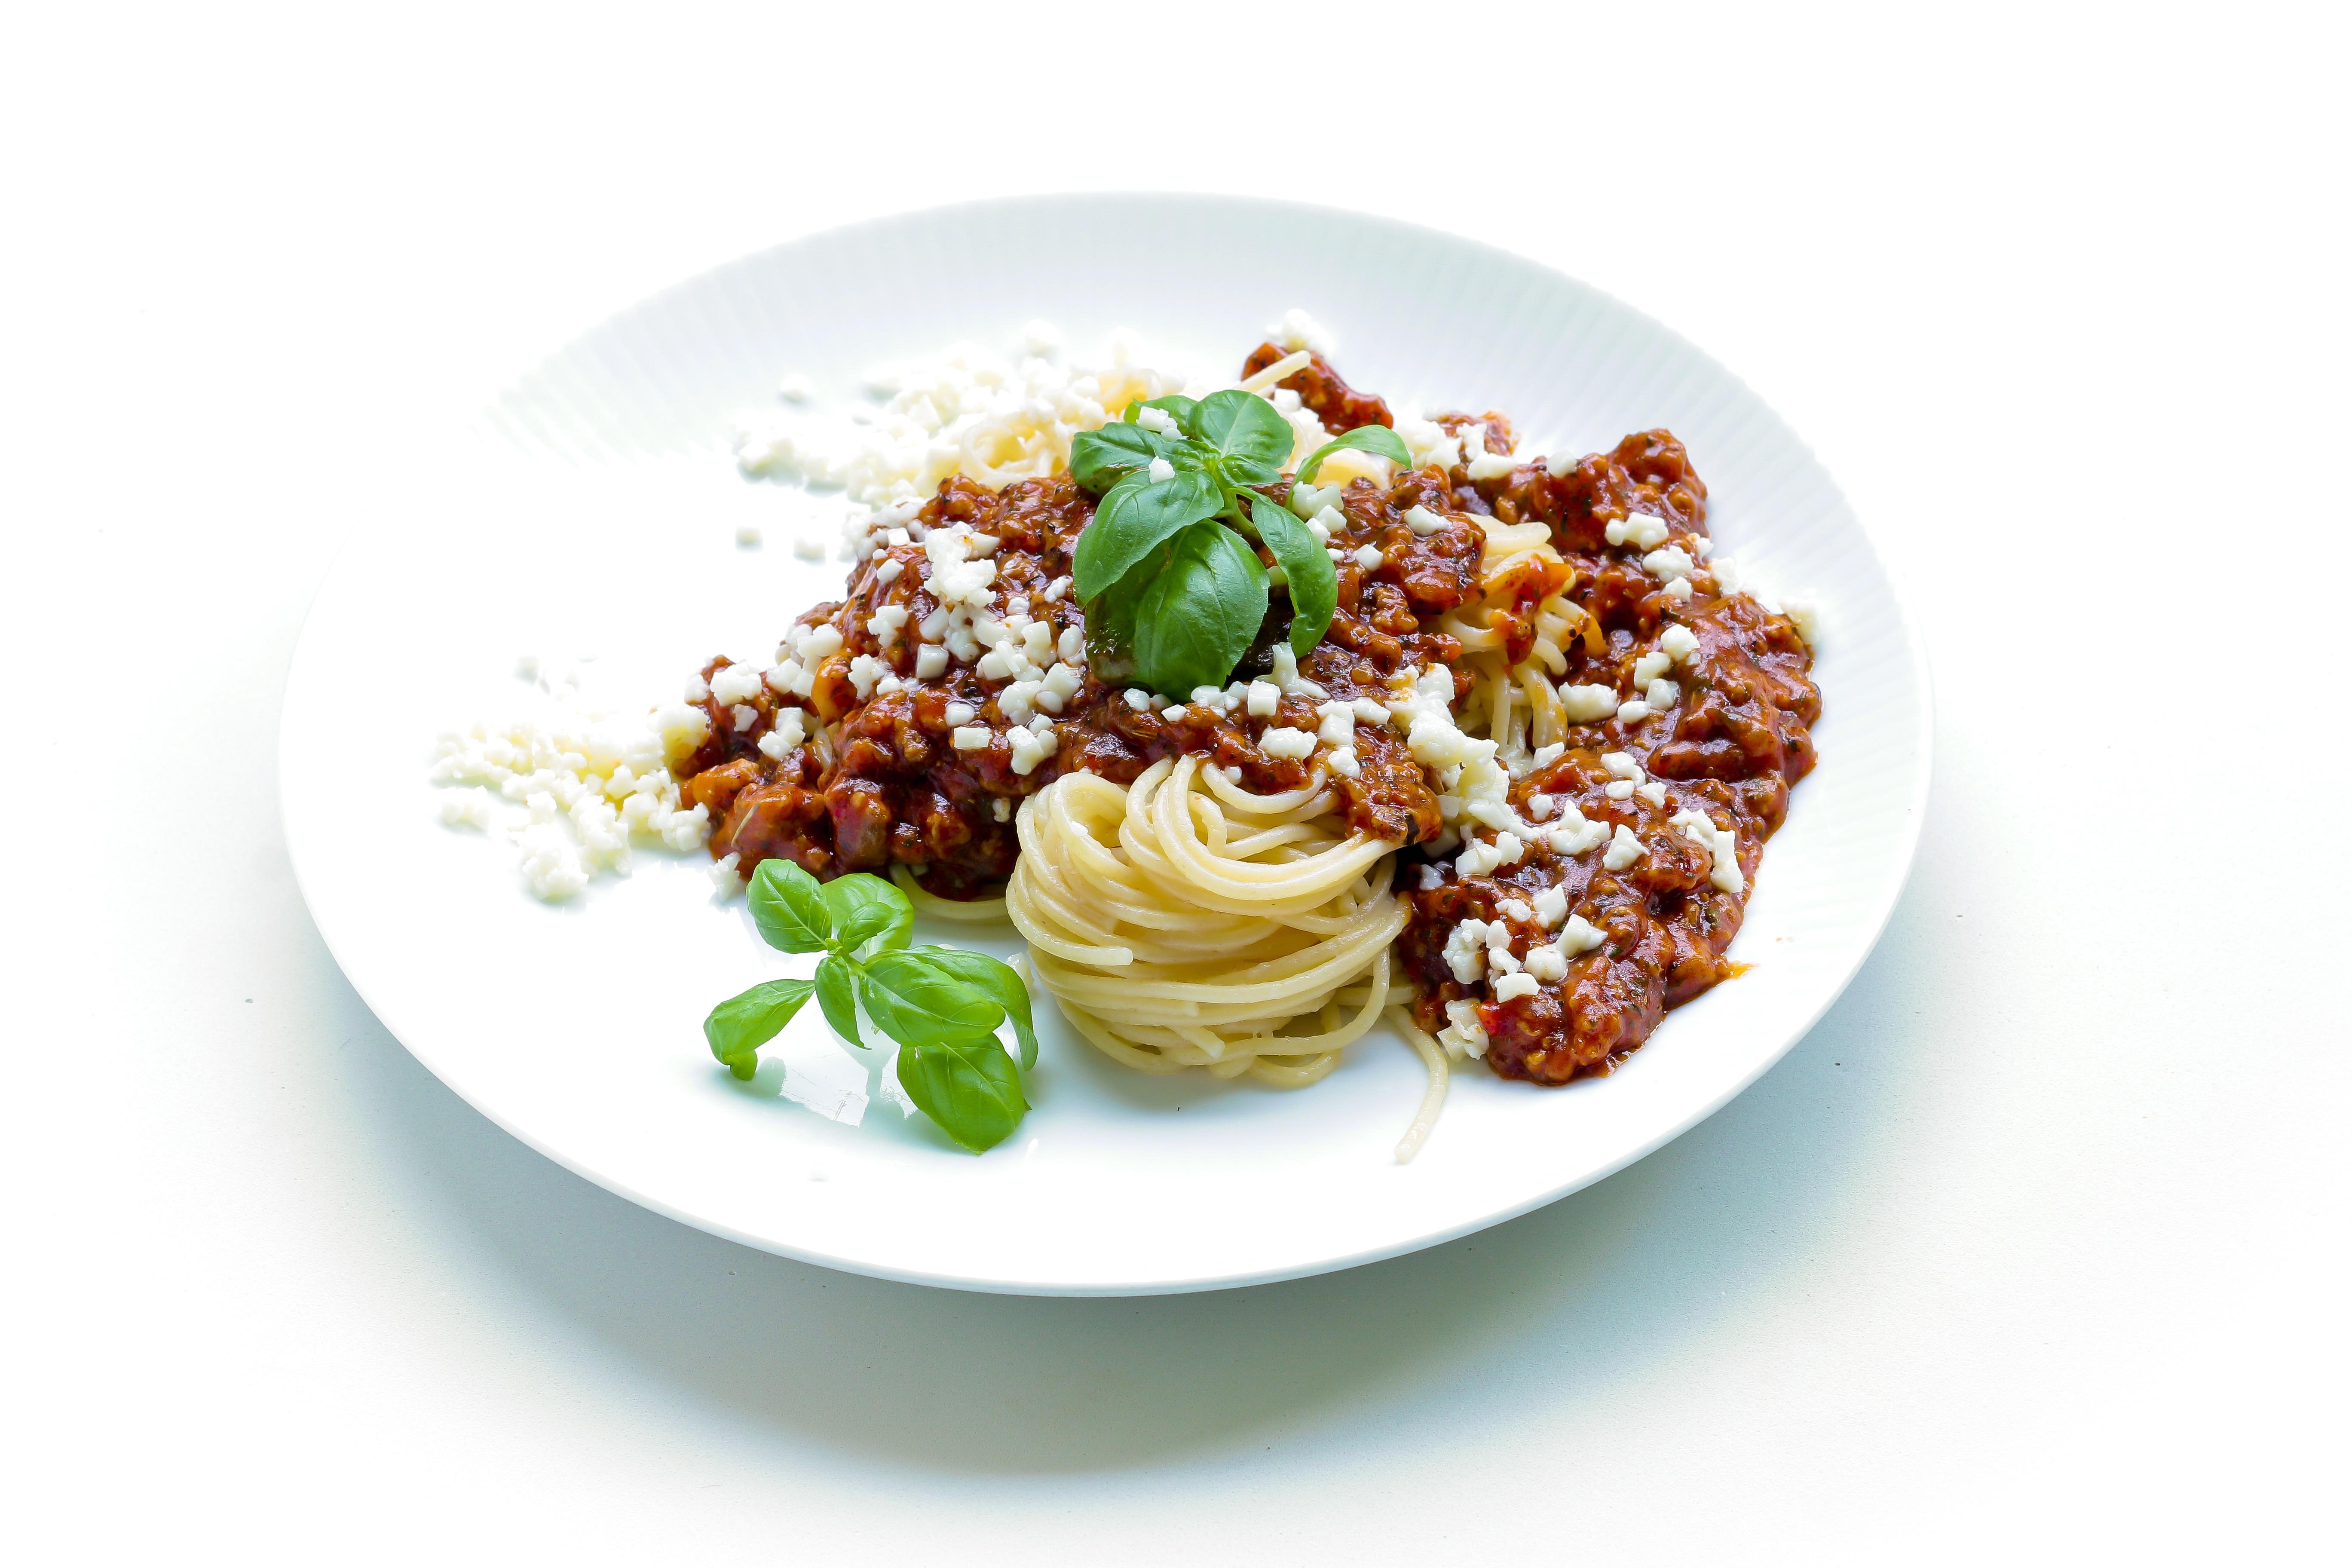 Fotos gratis : Produce, cocina, desayuno, comer, pastas, albahaca ...